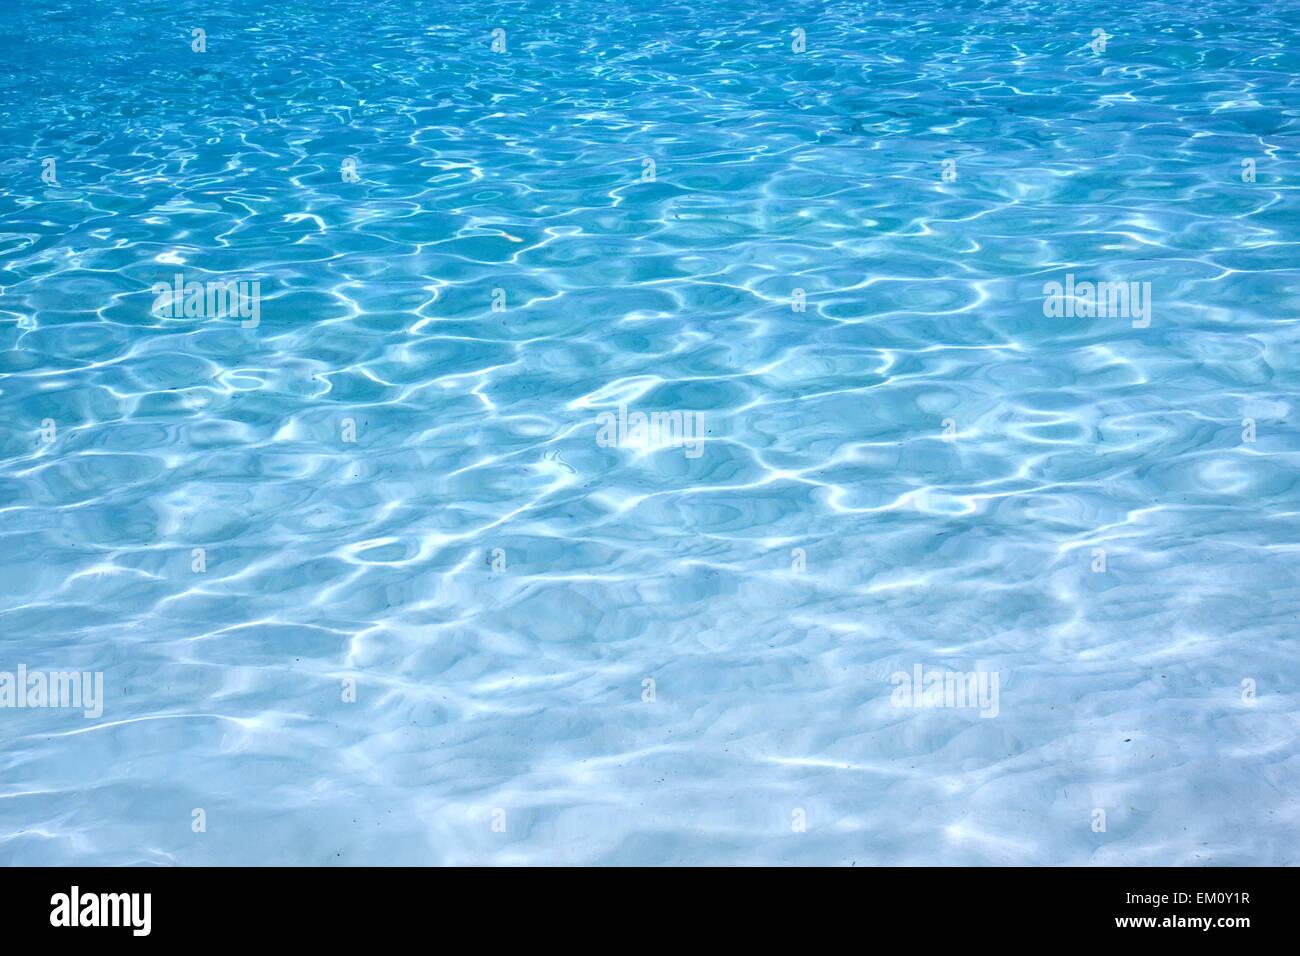 Agua azul brillante de fondo rizado Imagen De Stock